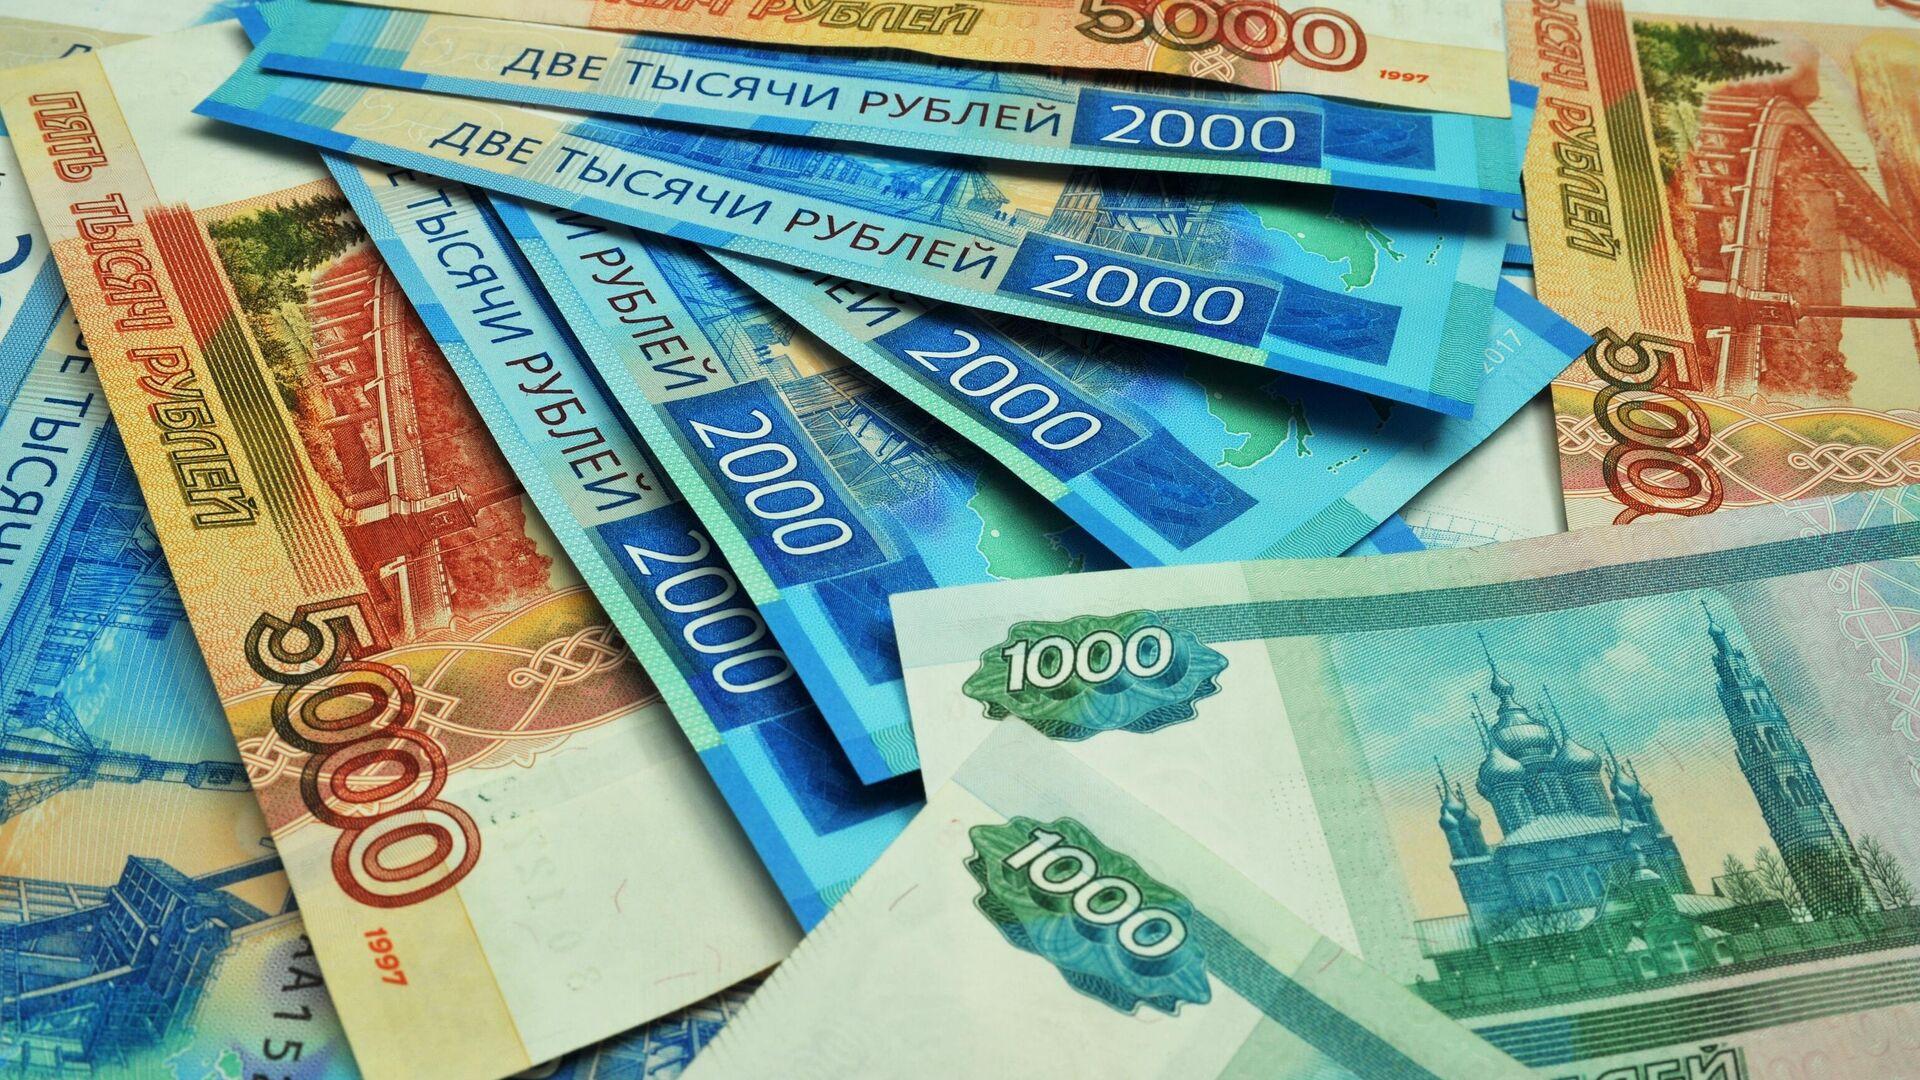 Банкноты номиналом 1000, 2000 и 5000 рублей - РИА Новости, 1920, 08.09.2021